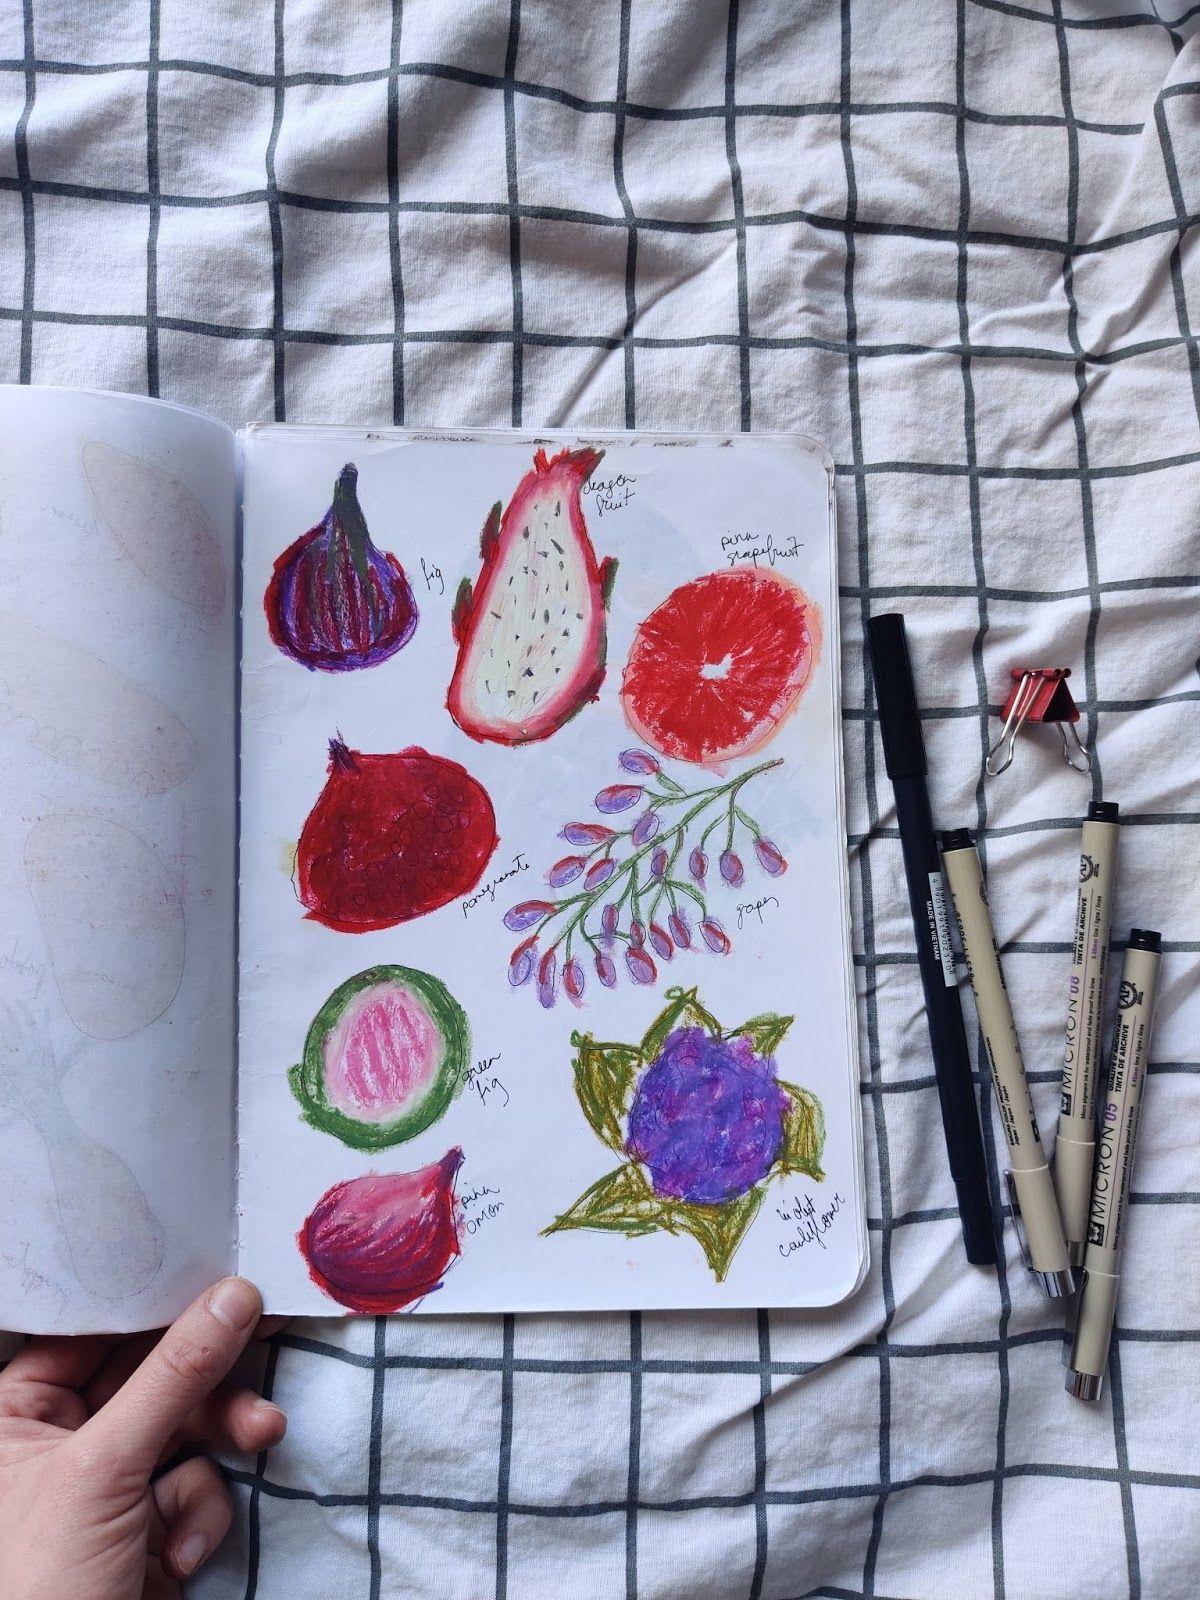 A week of food drawings using oil pastels ~ SKETCHBOOK DIARY #1#diary #drawings #food #oil #pastels #sketchbook #using #week